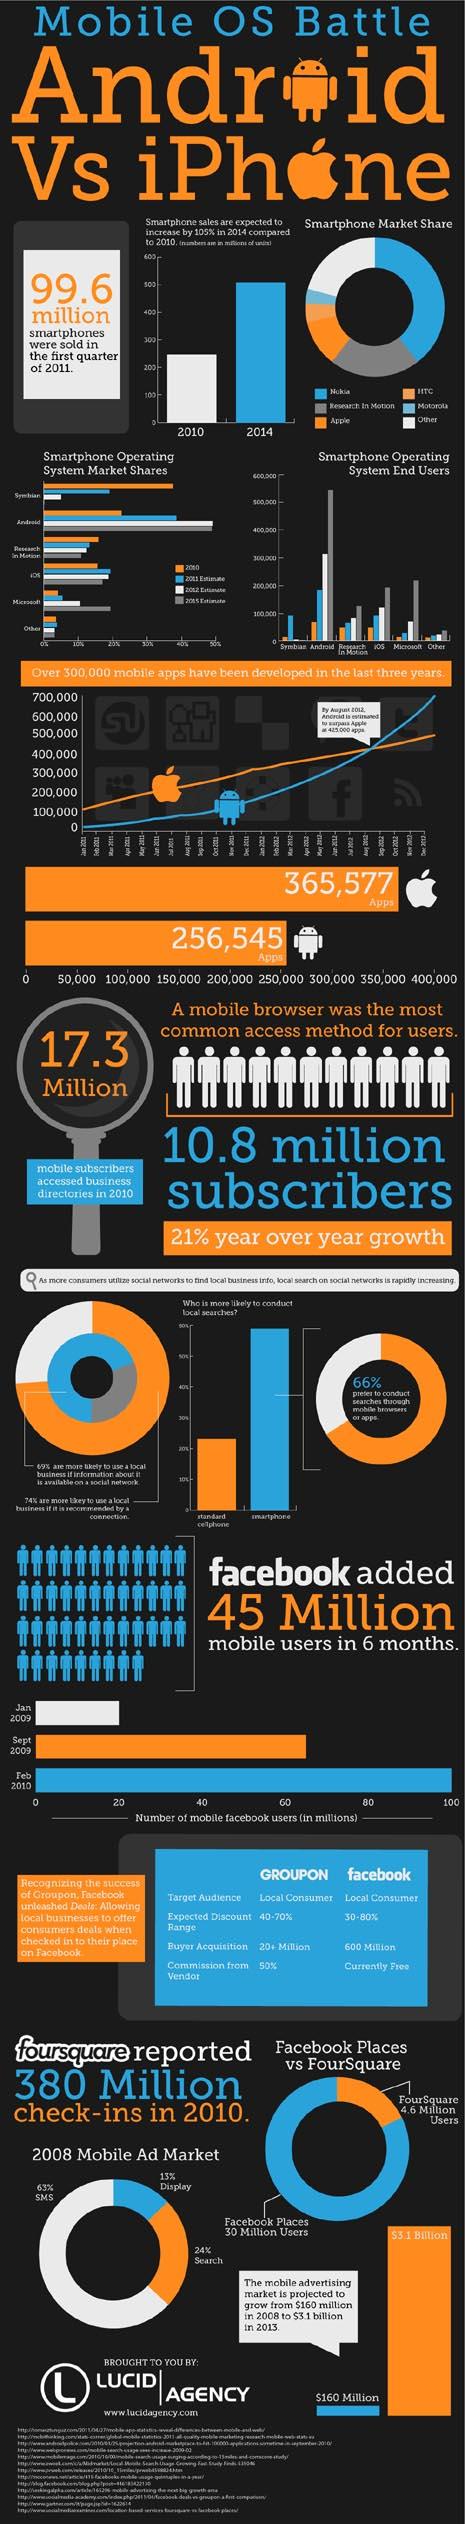 Los datos que explican el éxito del mobile marketing